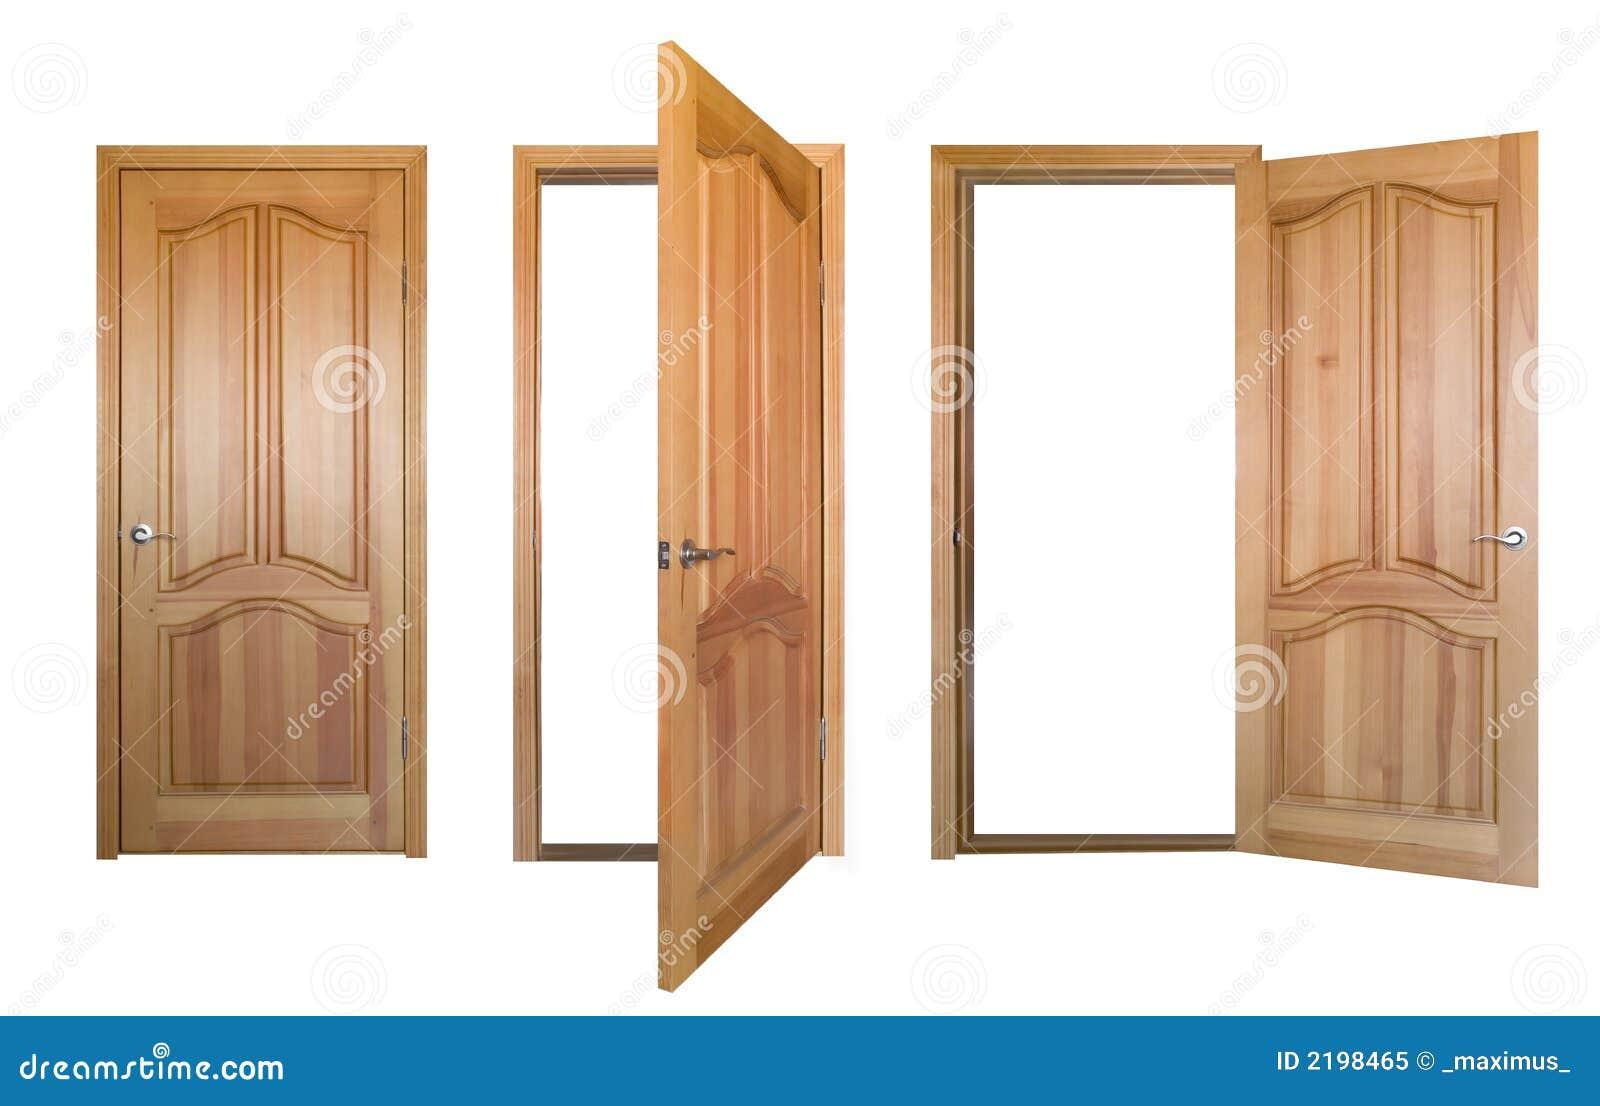 Puertas de madera aisladas foto de archivo libre de for Puertas de dormitorios en madera